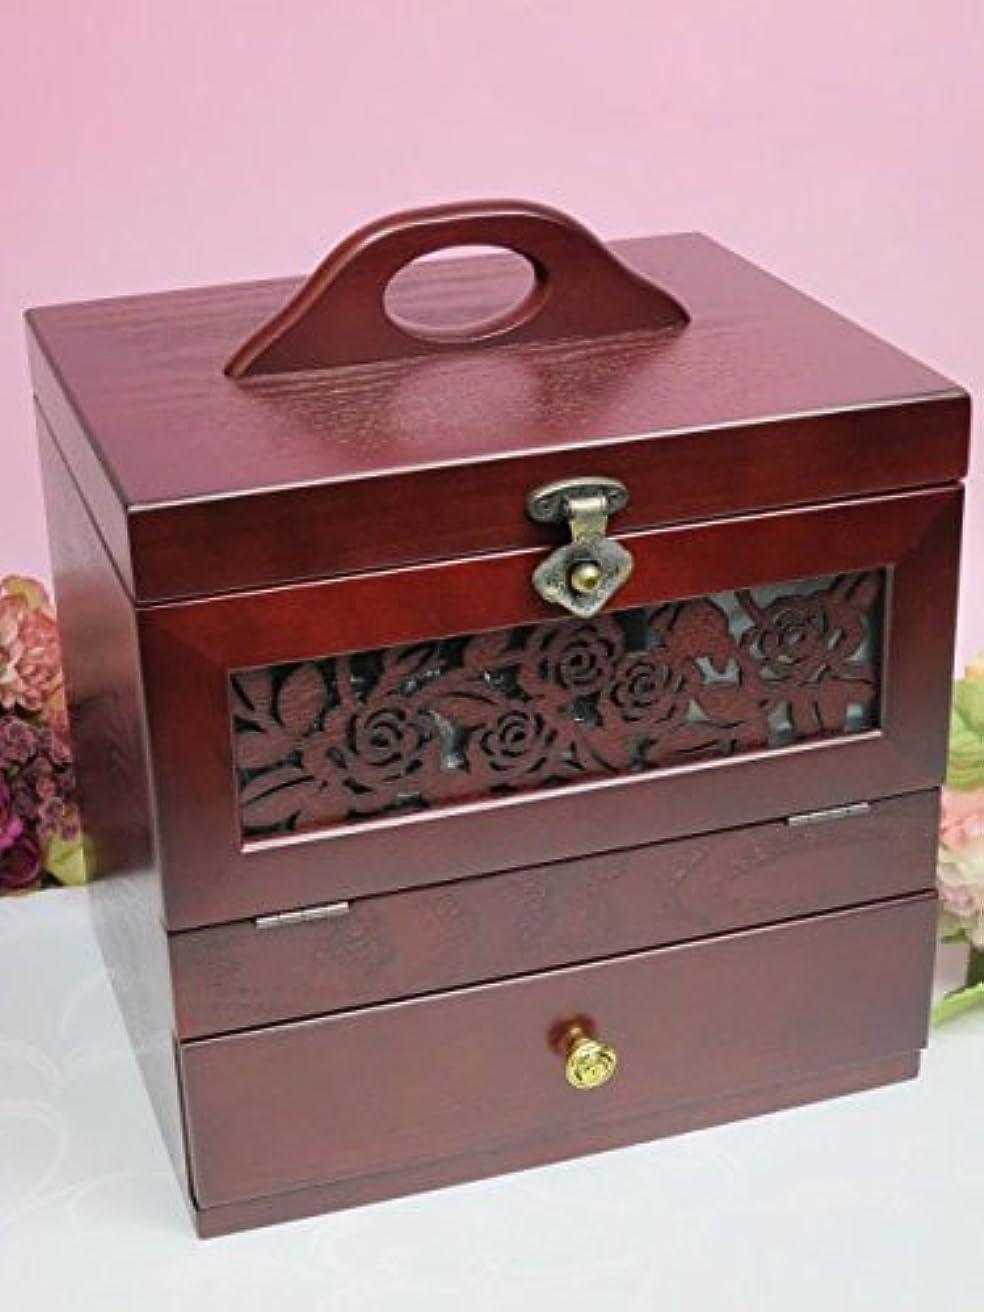 ペルセウスさせるどちらか木製 コスメティックボックス アンジェラ メイクボックス 化粧箱 化粧品 コスメボックス